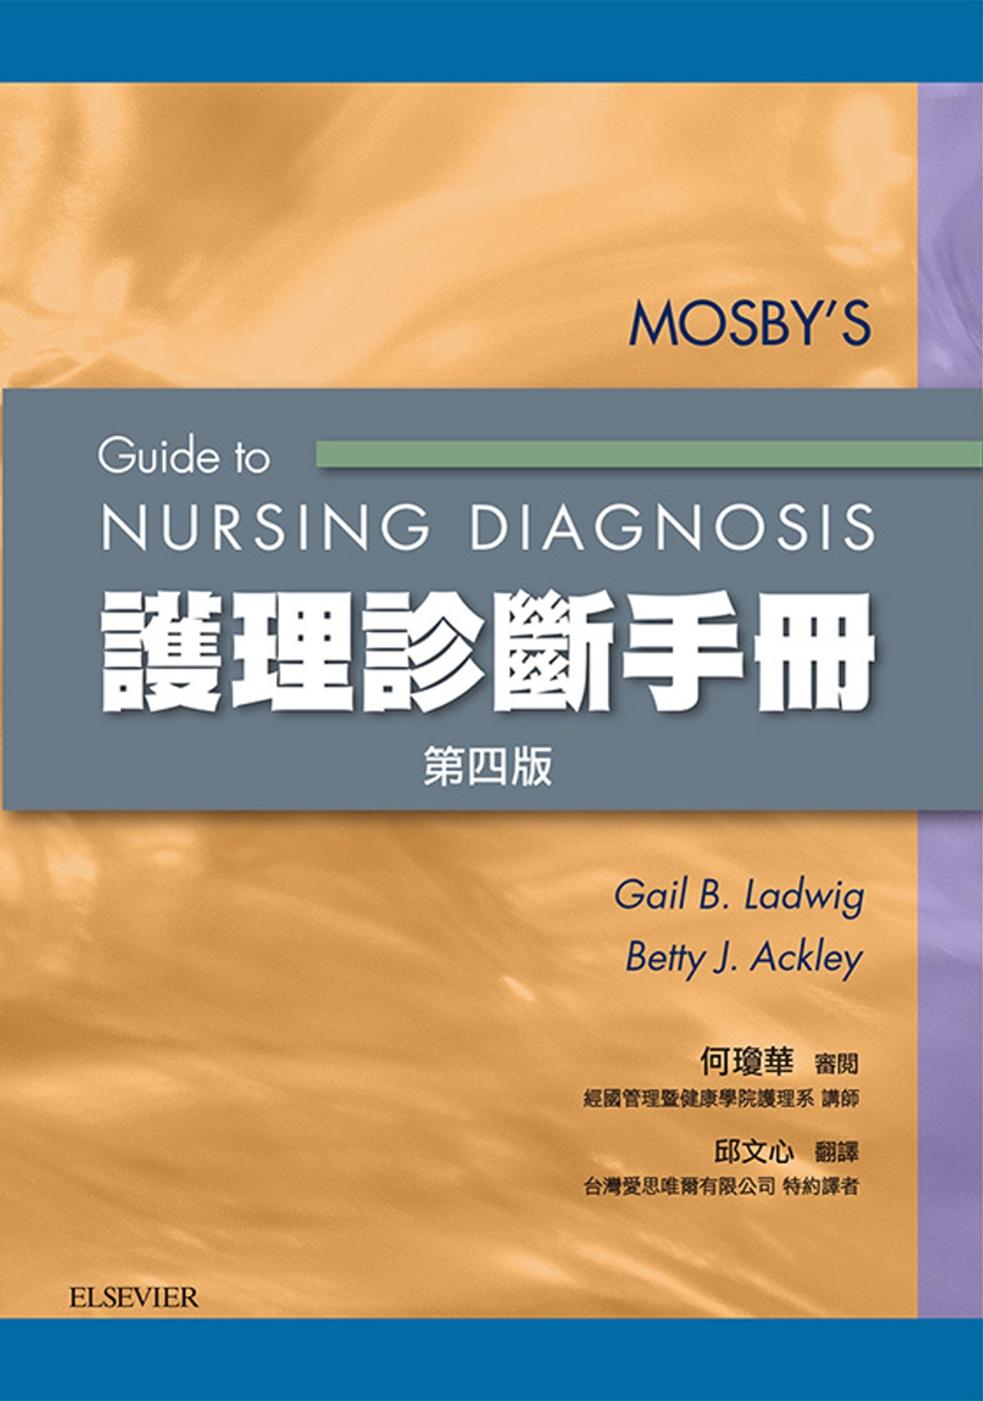 護理診斷手冊(第四版)